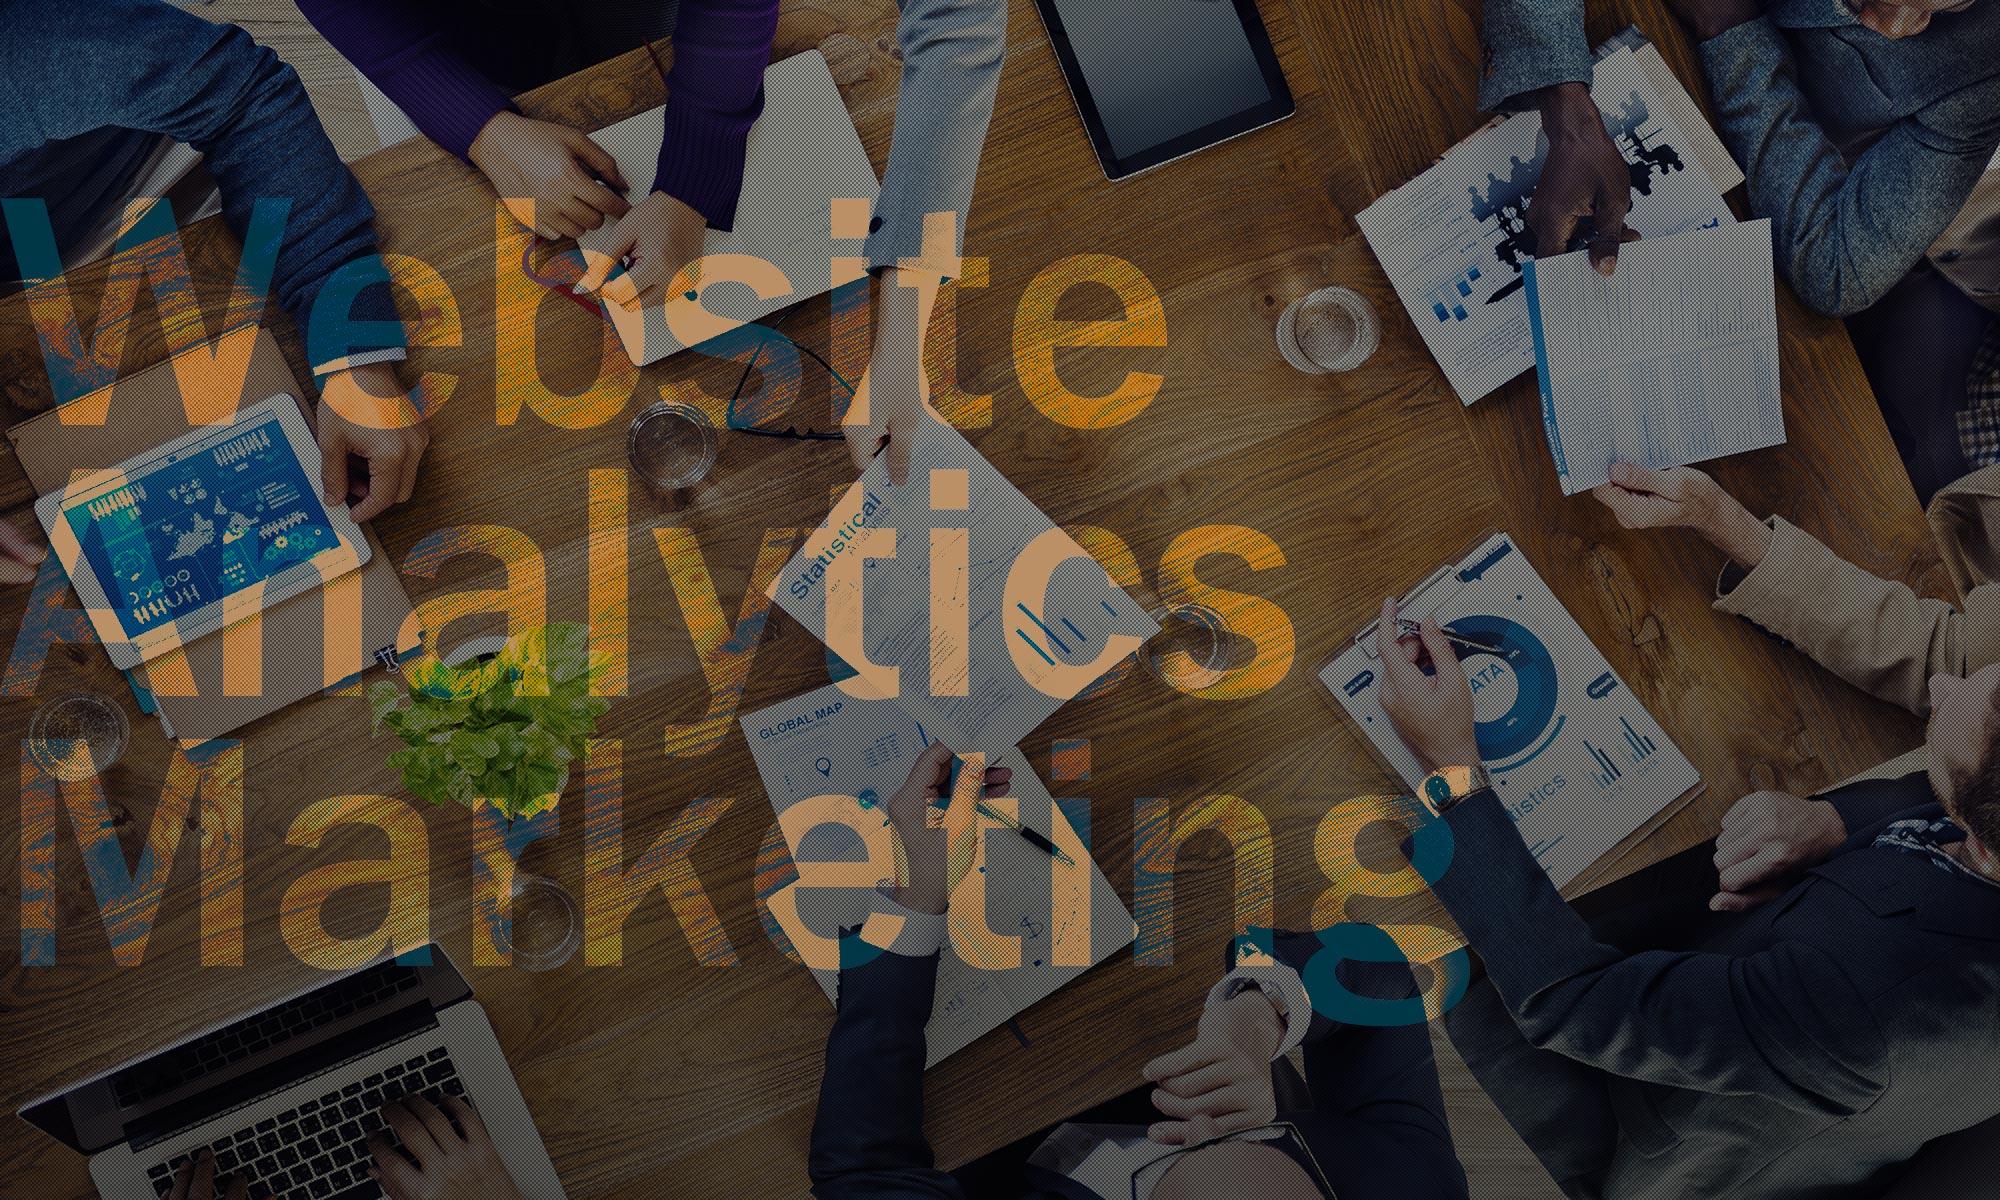 ウェブサイト解析マーケティング